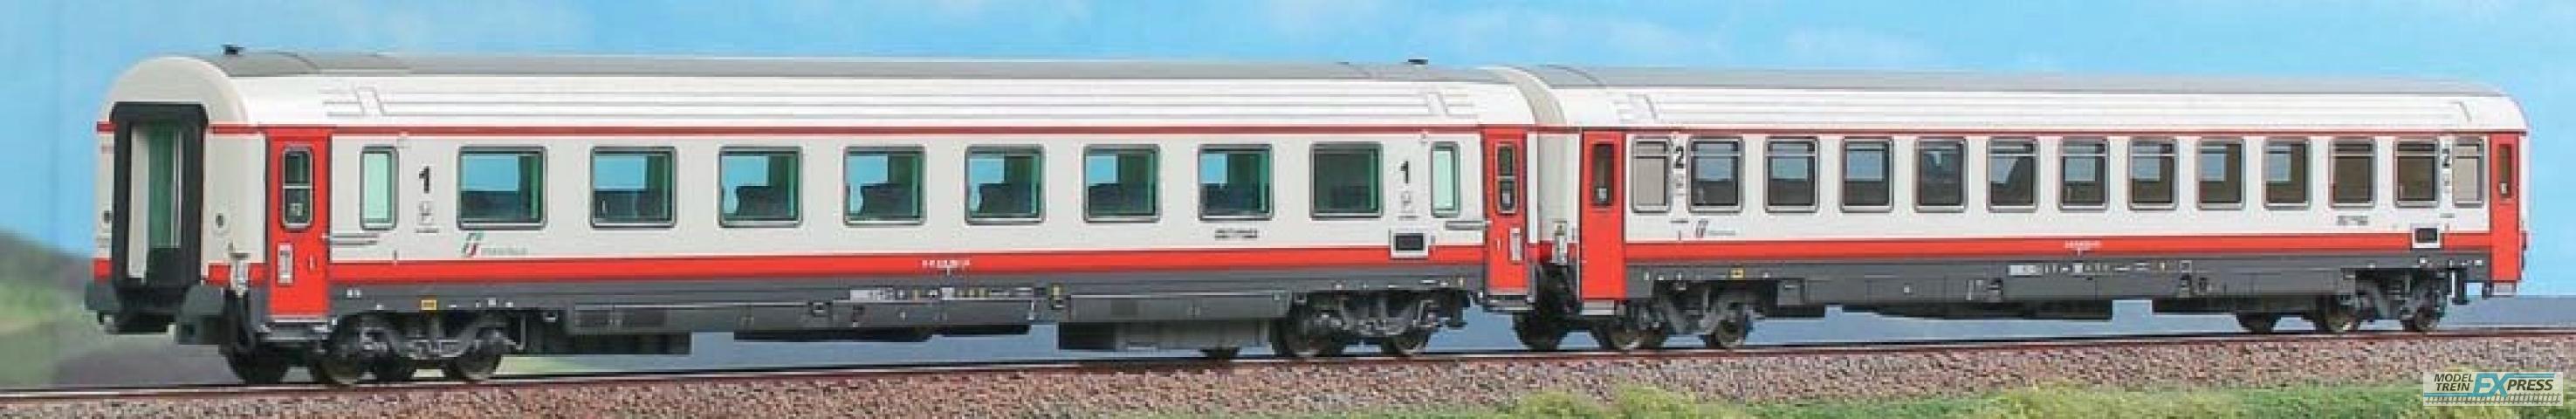 ACME 70093